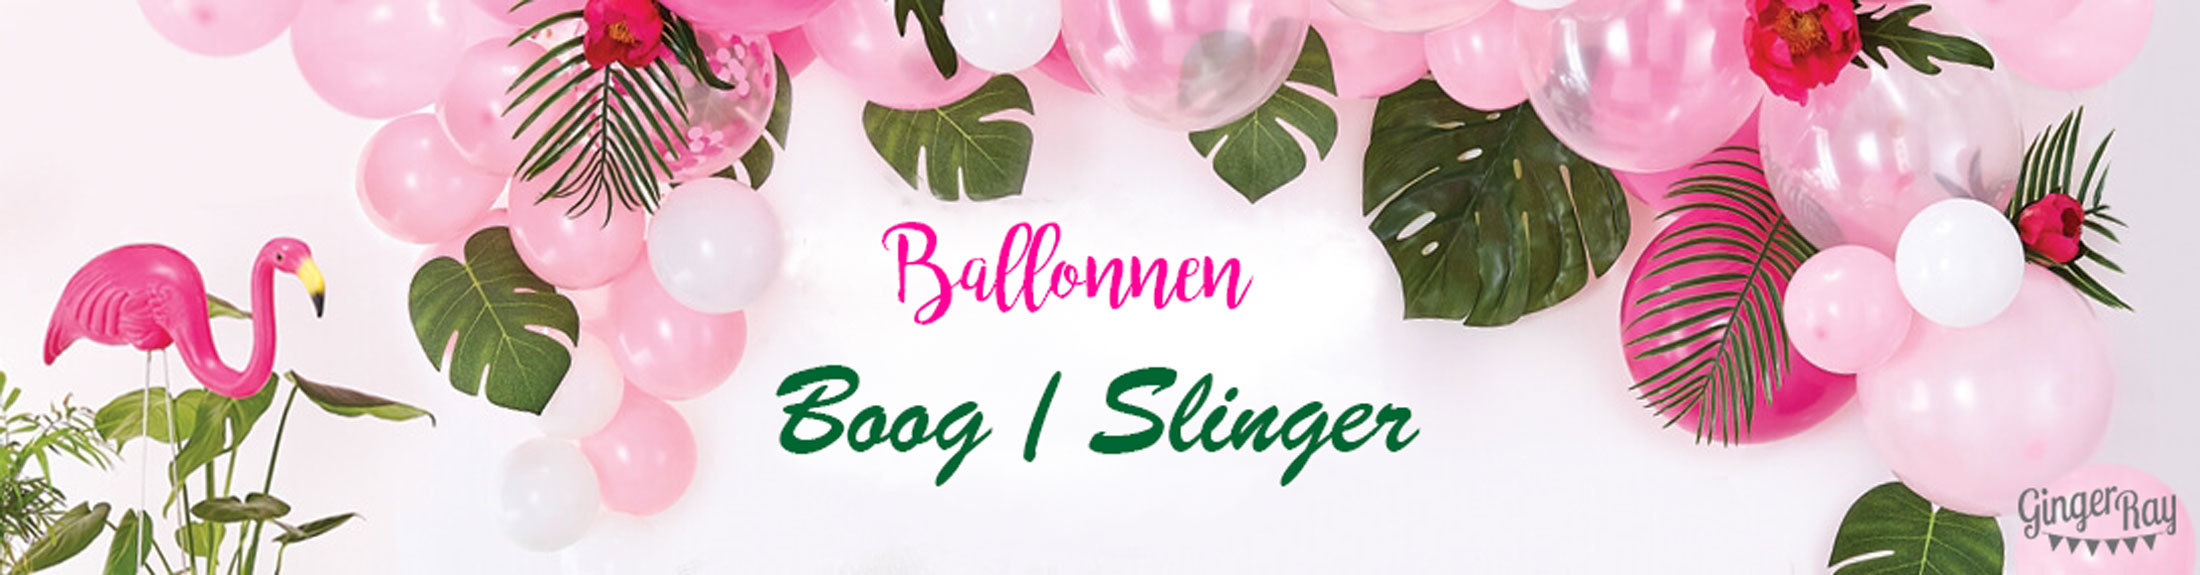 Ballonnen boog-slinger